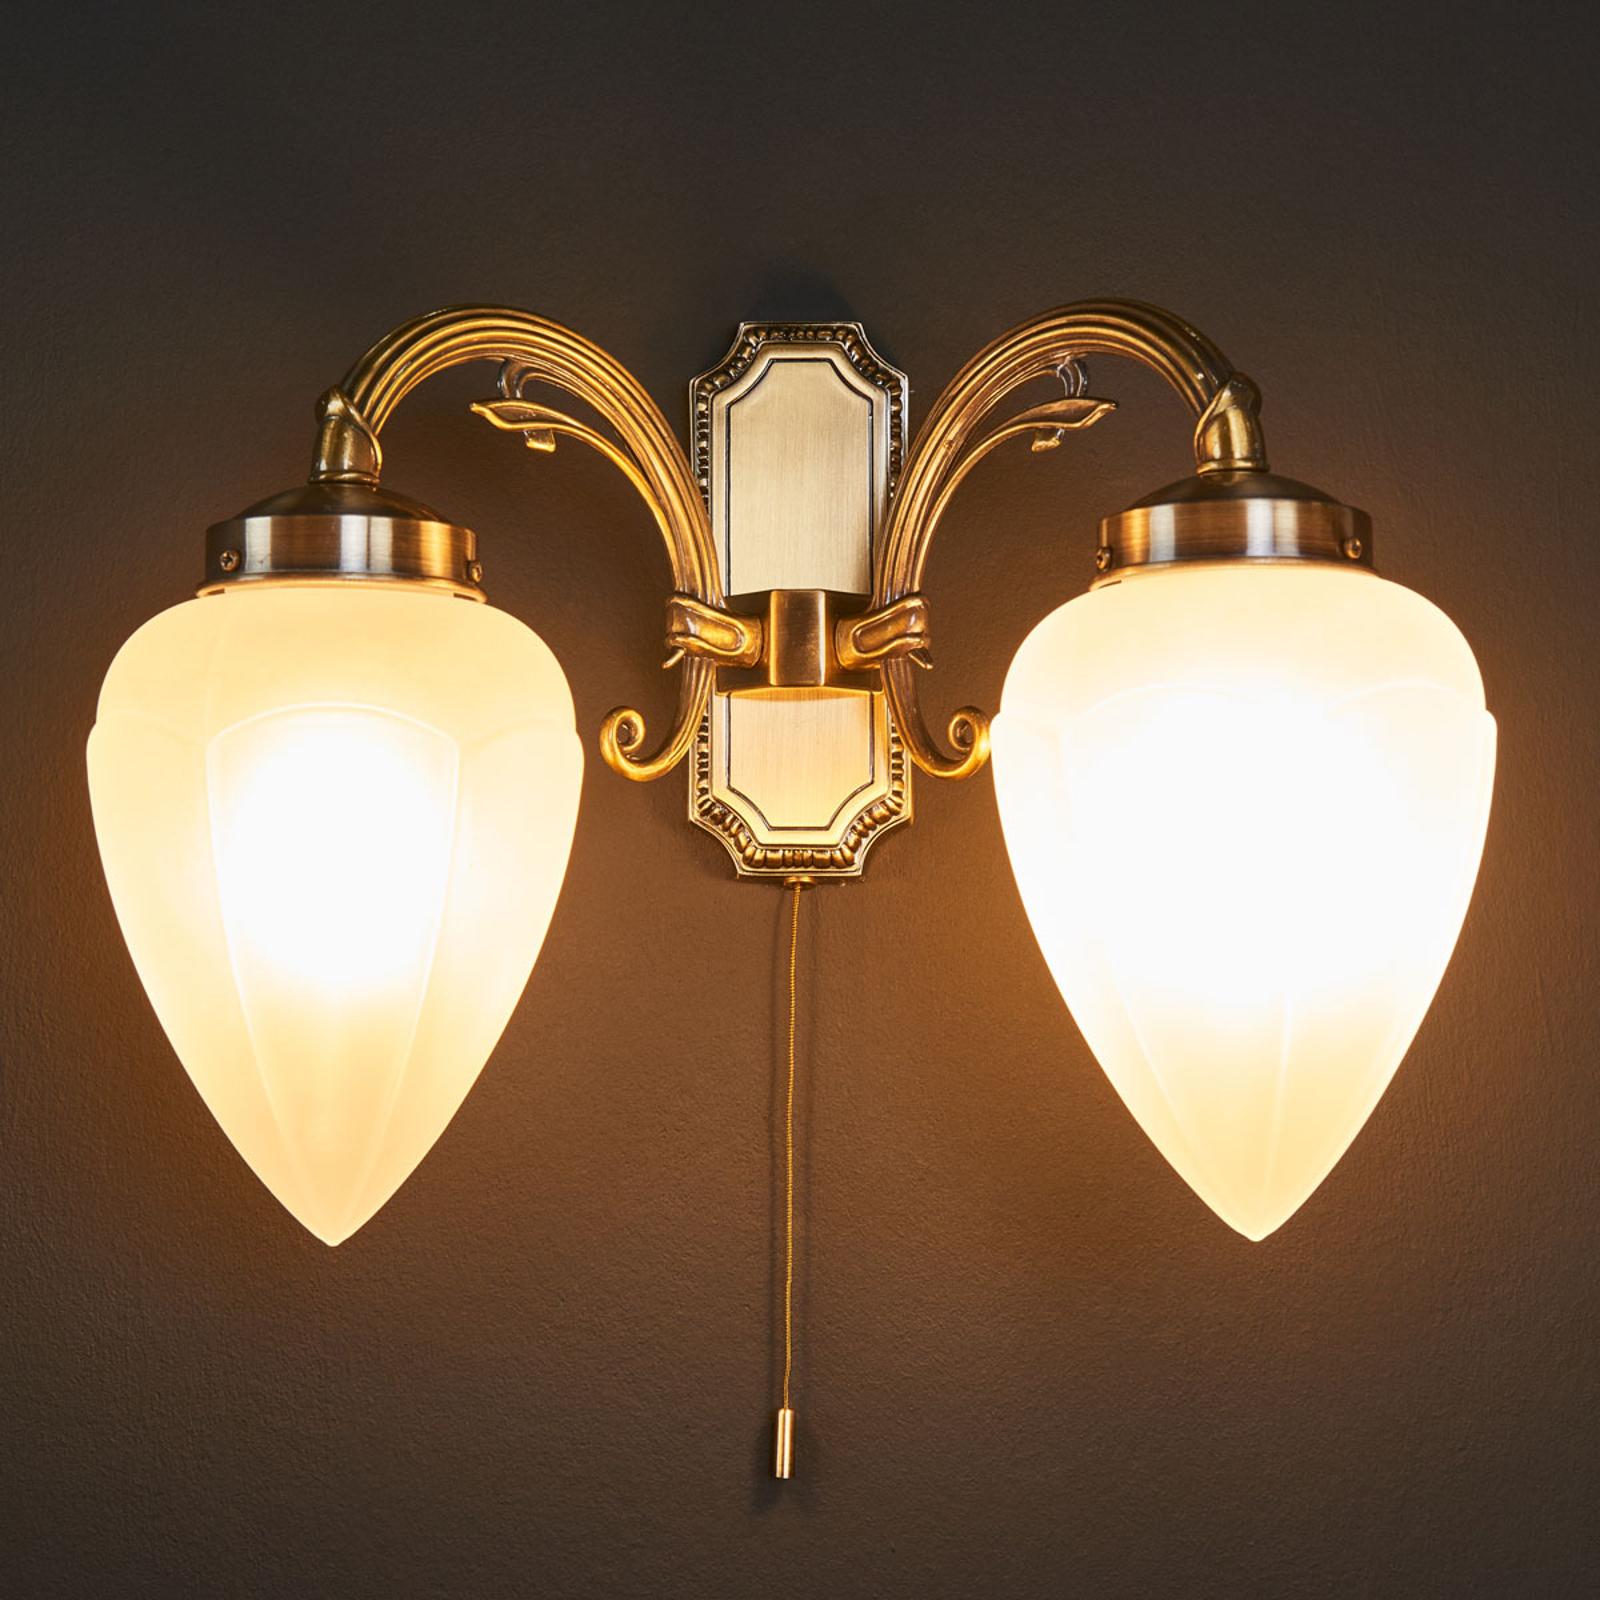 Impery væglampe med to lyskilder